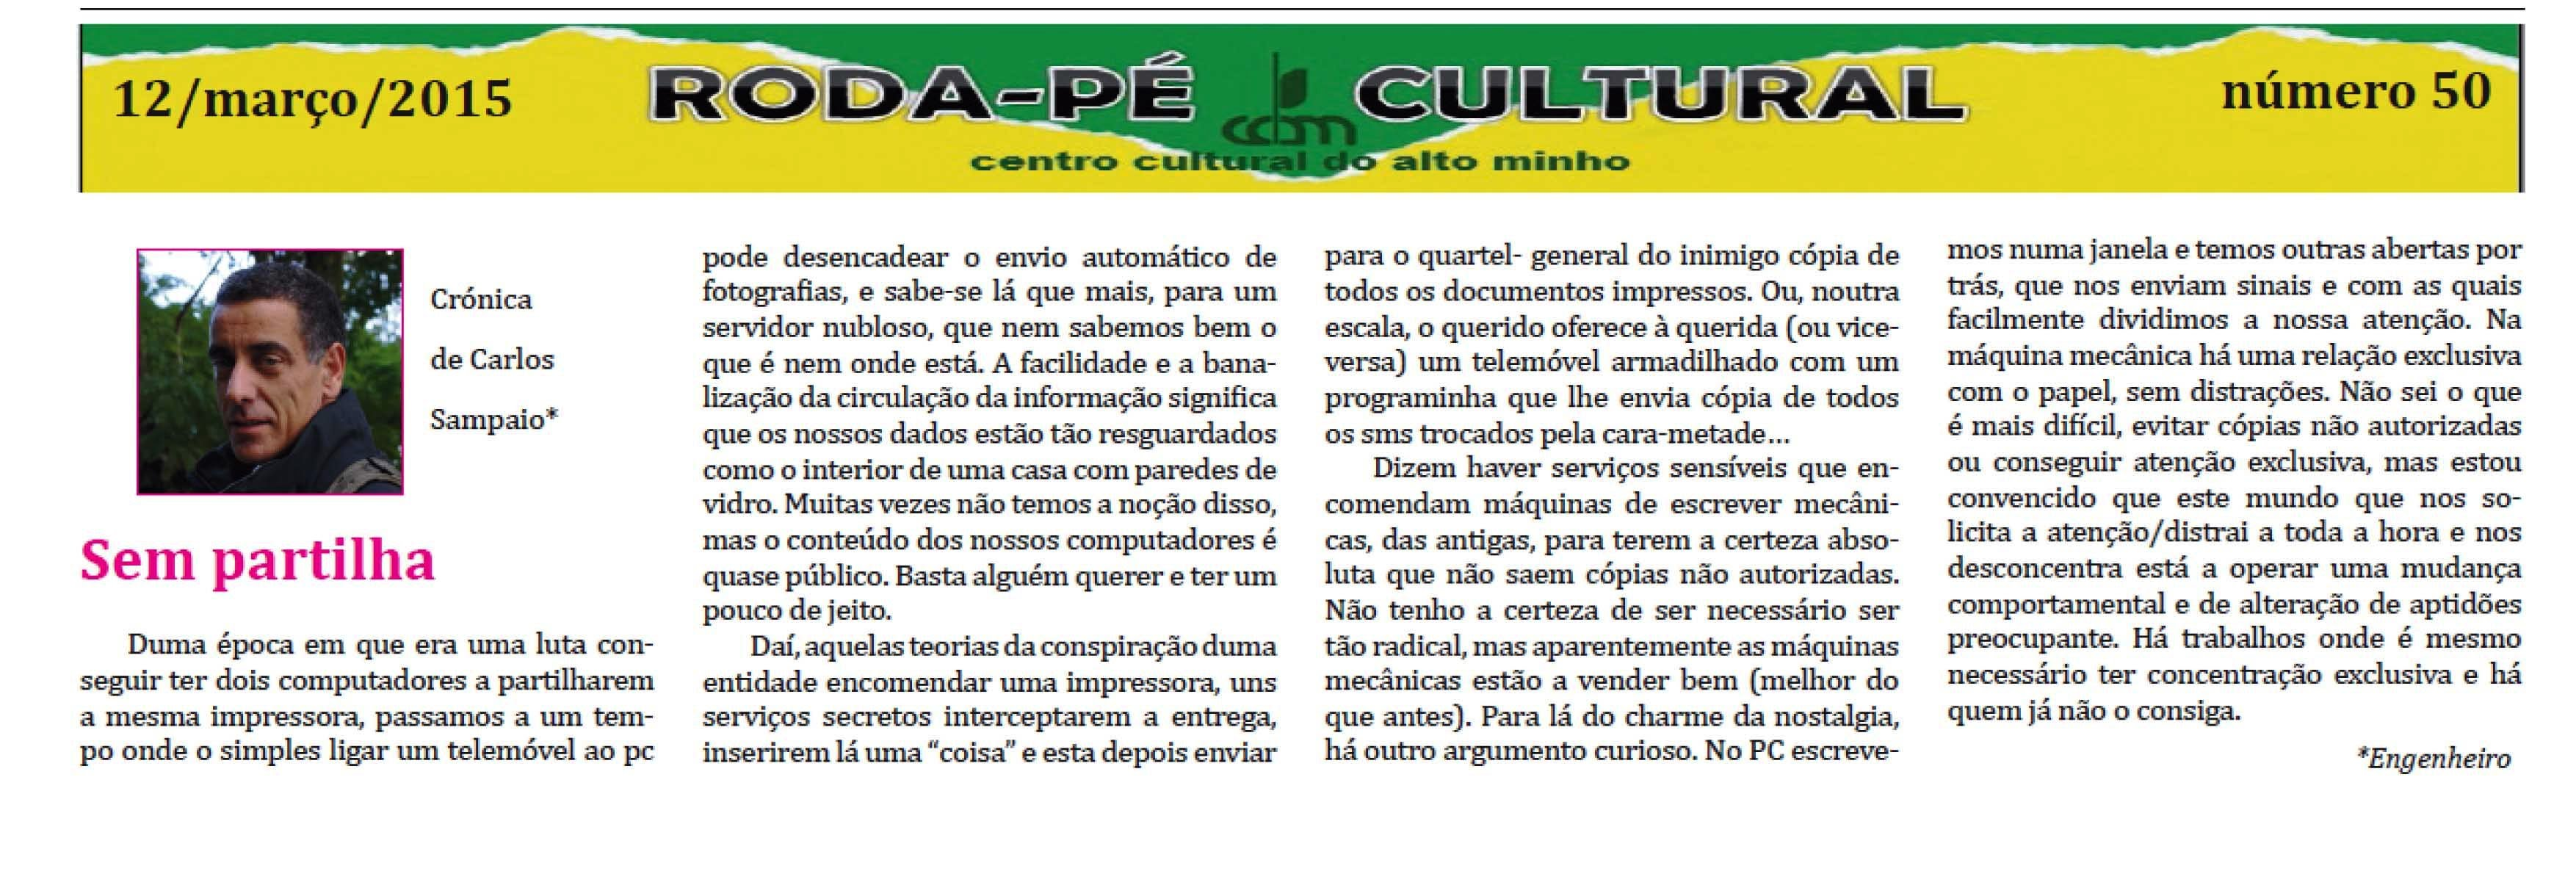 https://sites.google.com/a/centroculturaldoaltominho.org/ccam/actividades-realizadas/2015/Rp_50.jpg